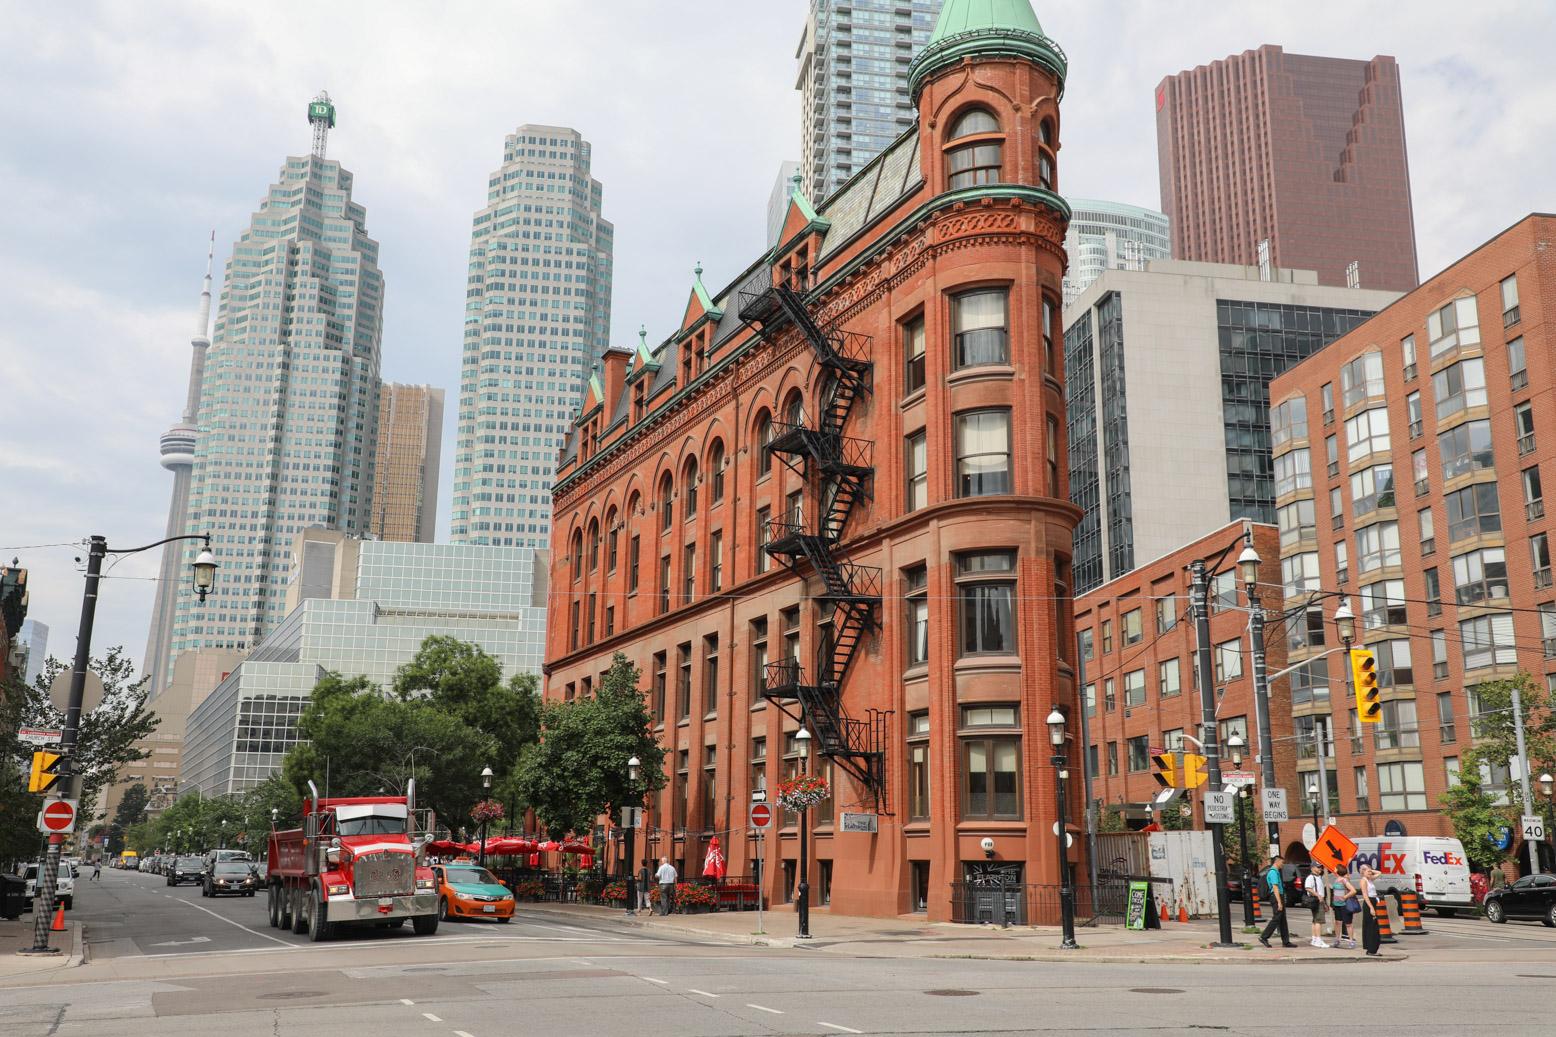 Het Flatiron Building in historisch Toronto met daarachter moderne wolkenkrabbers